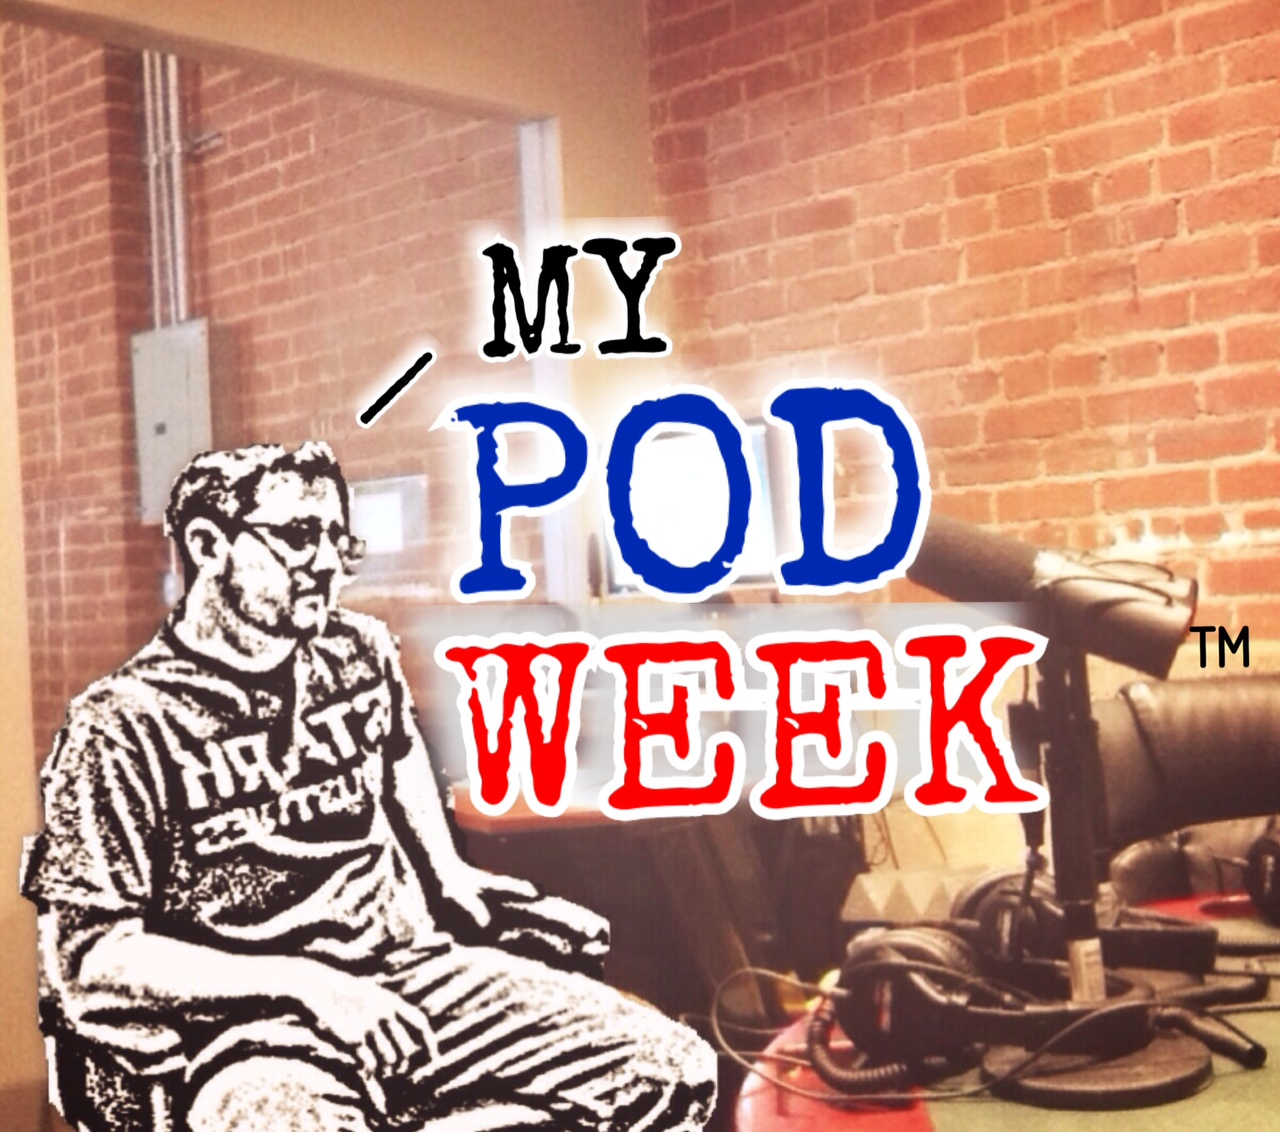 My Pod Week: Week ending 7/27/14